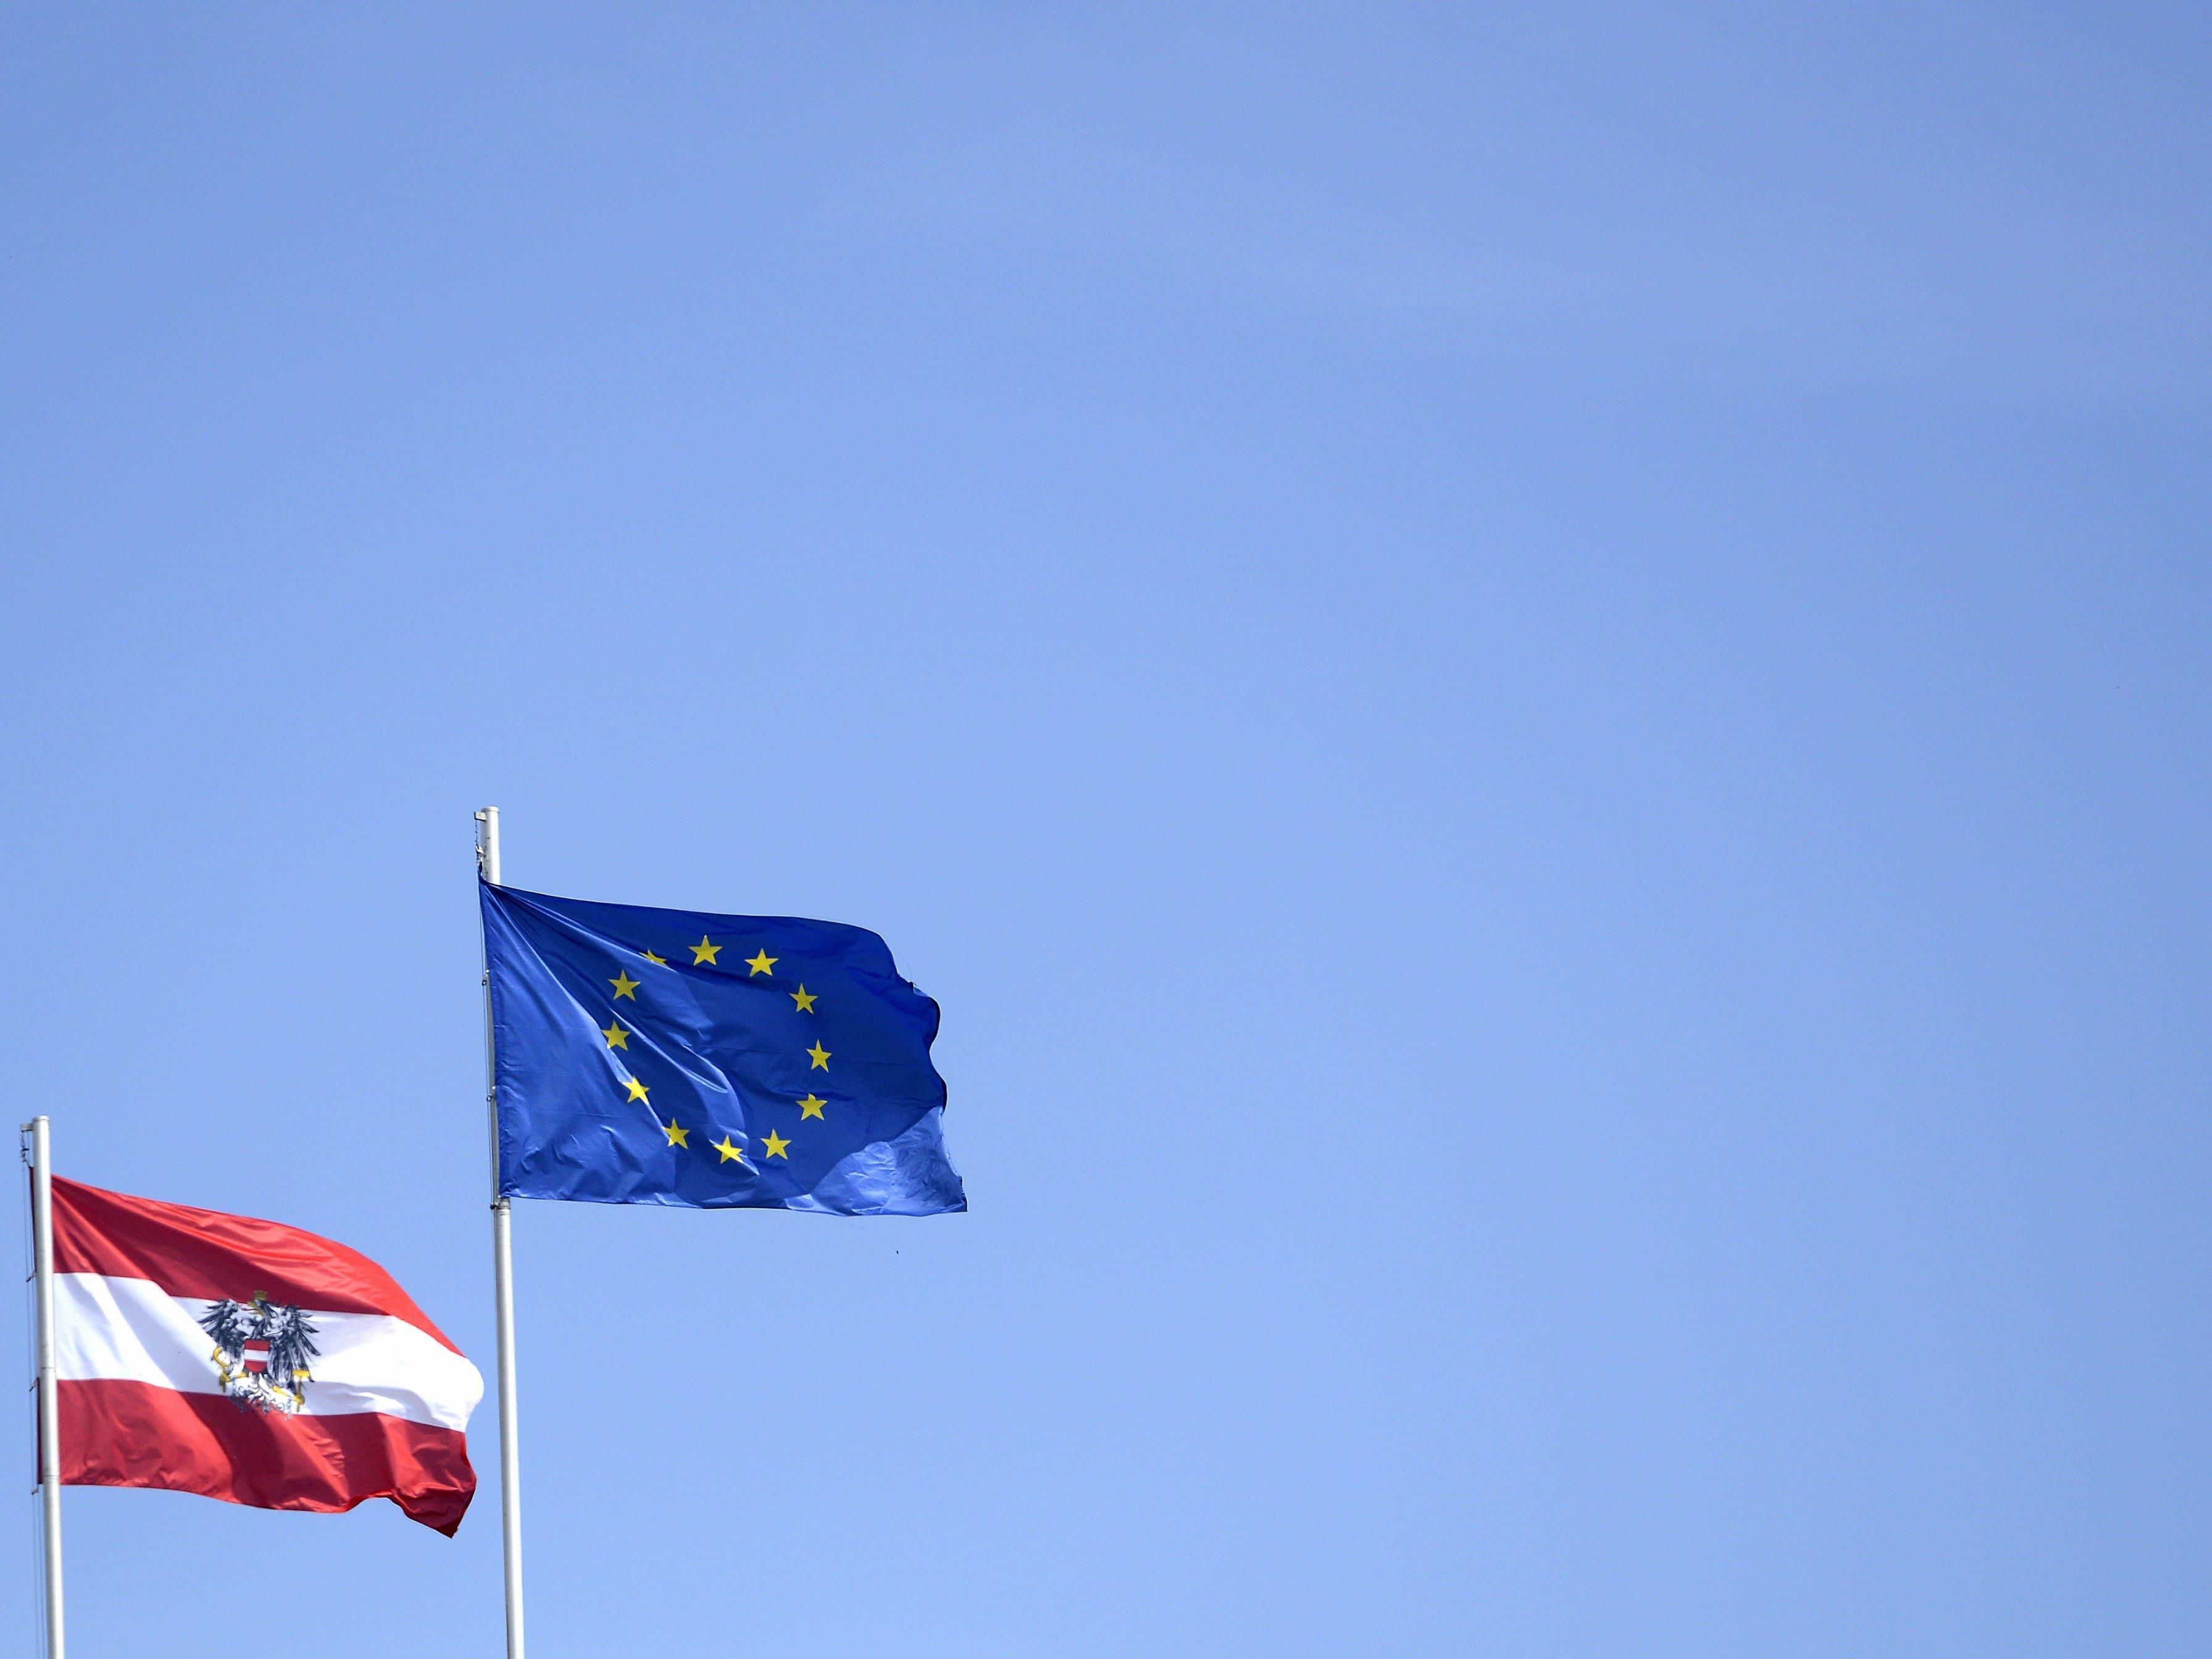 Nach der EU-Herbstprognose wird die österreichische Wirtschaft 2017 um 1,6 Prozent wachsen.